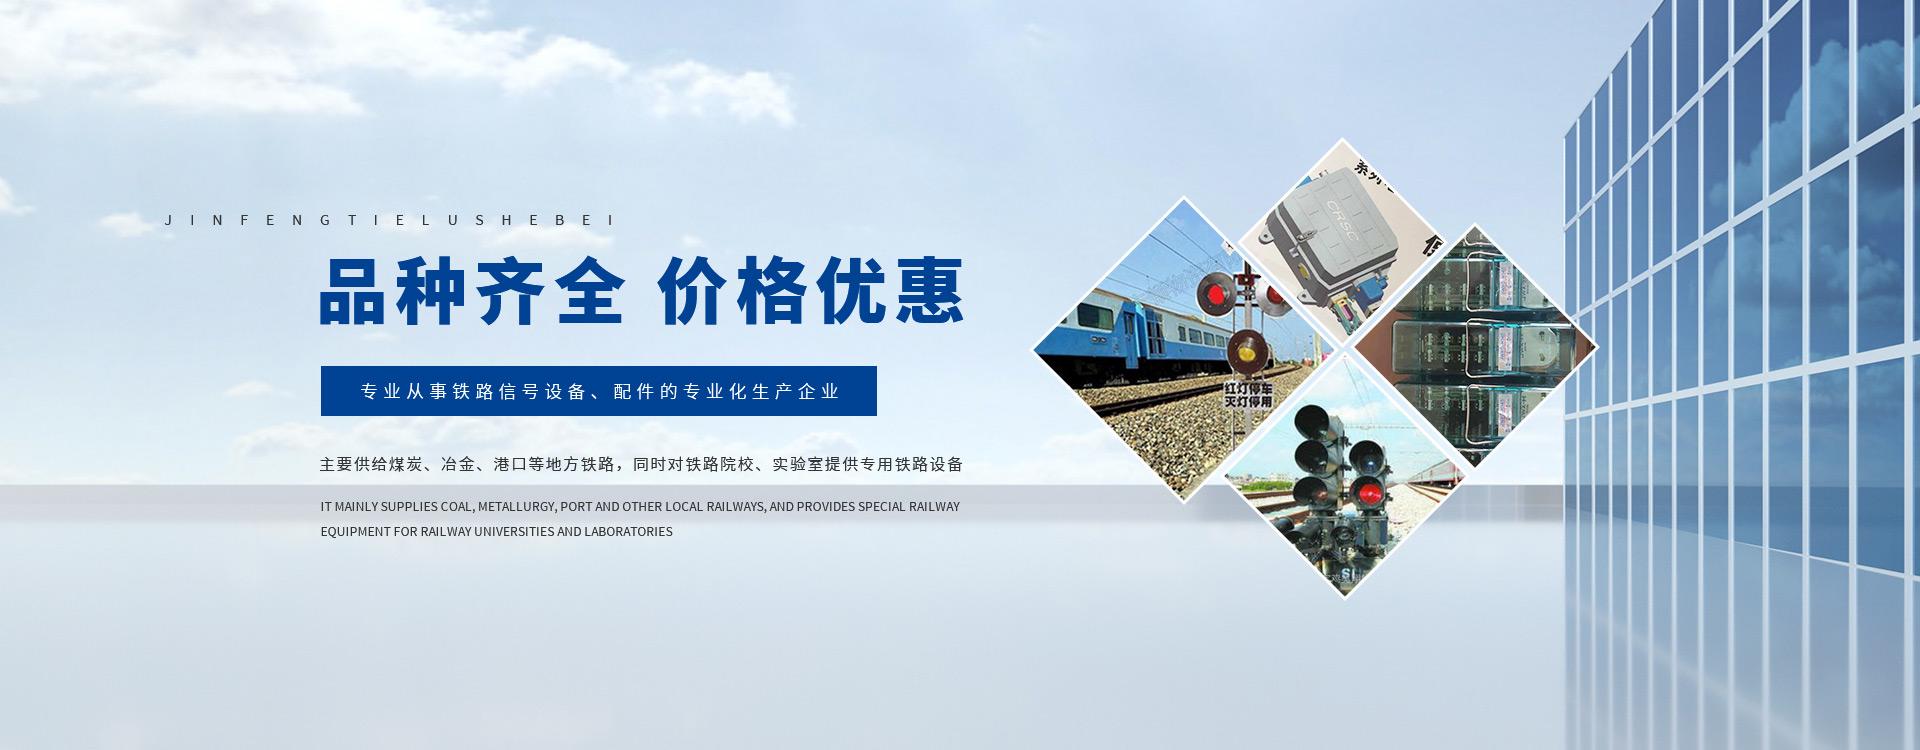 陕西铁路设备实验模具